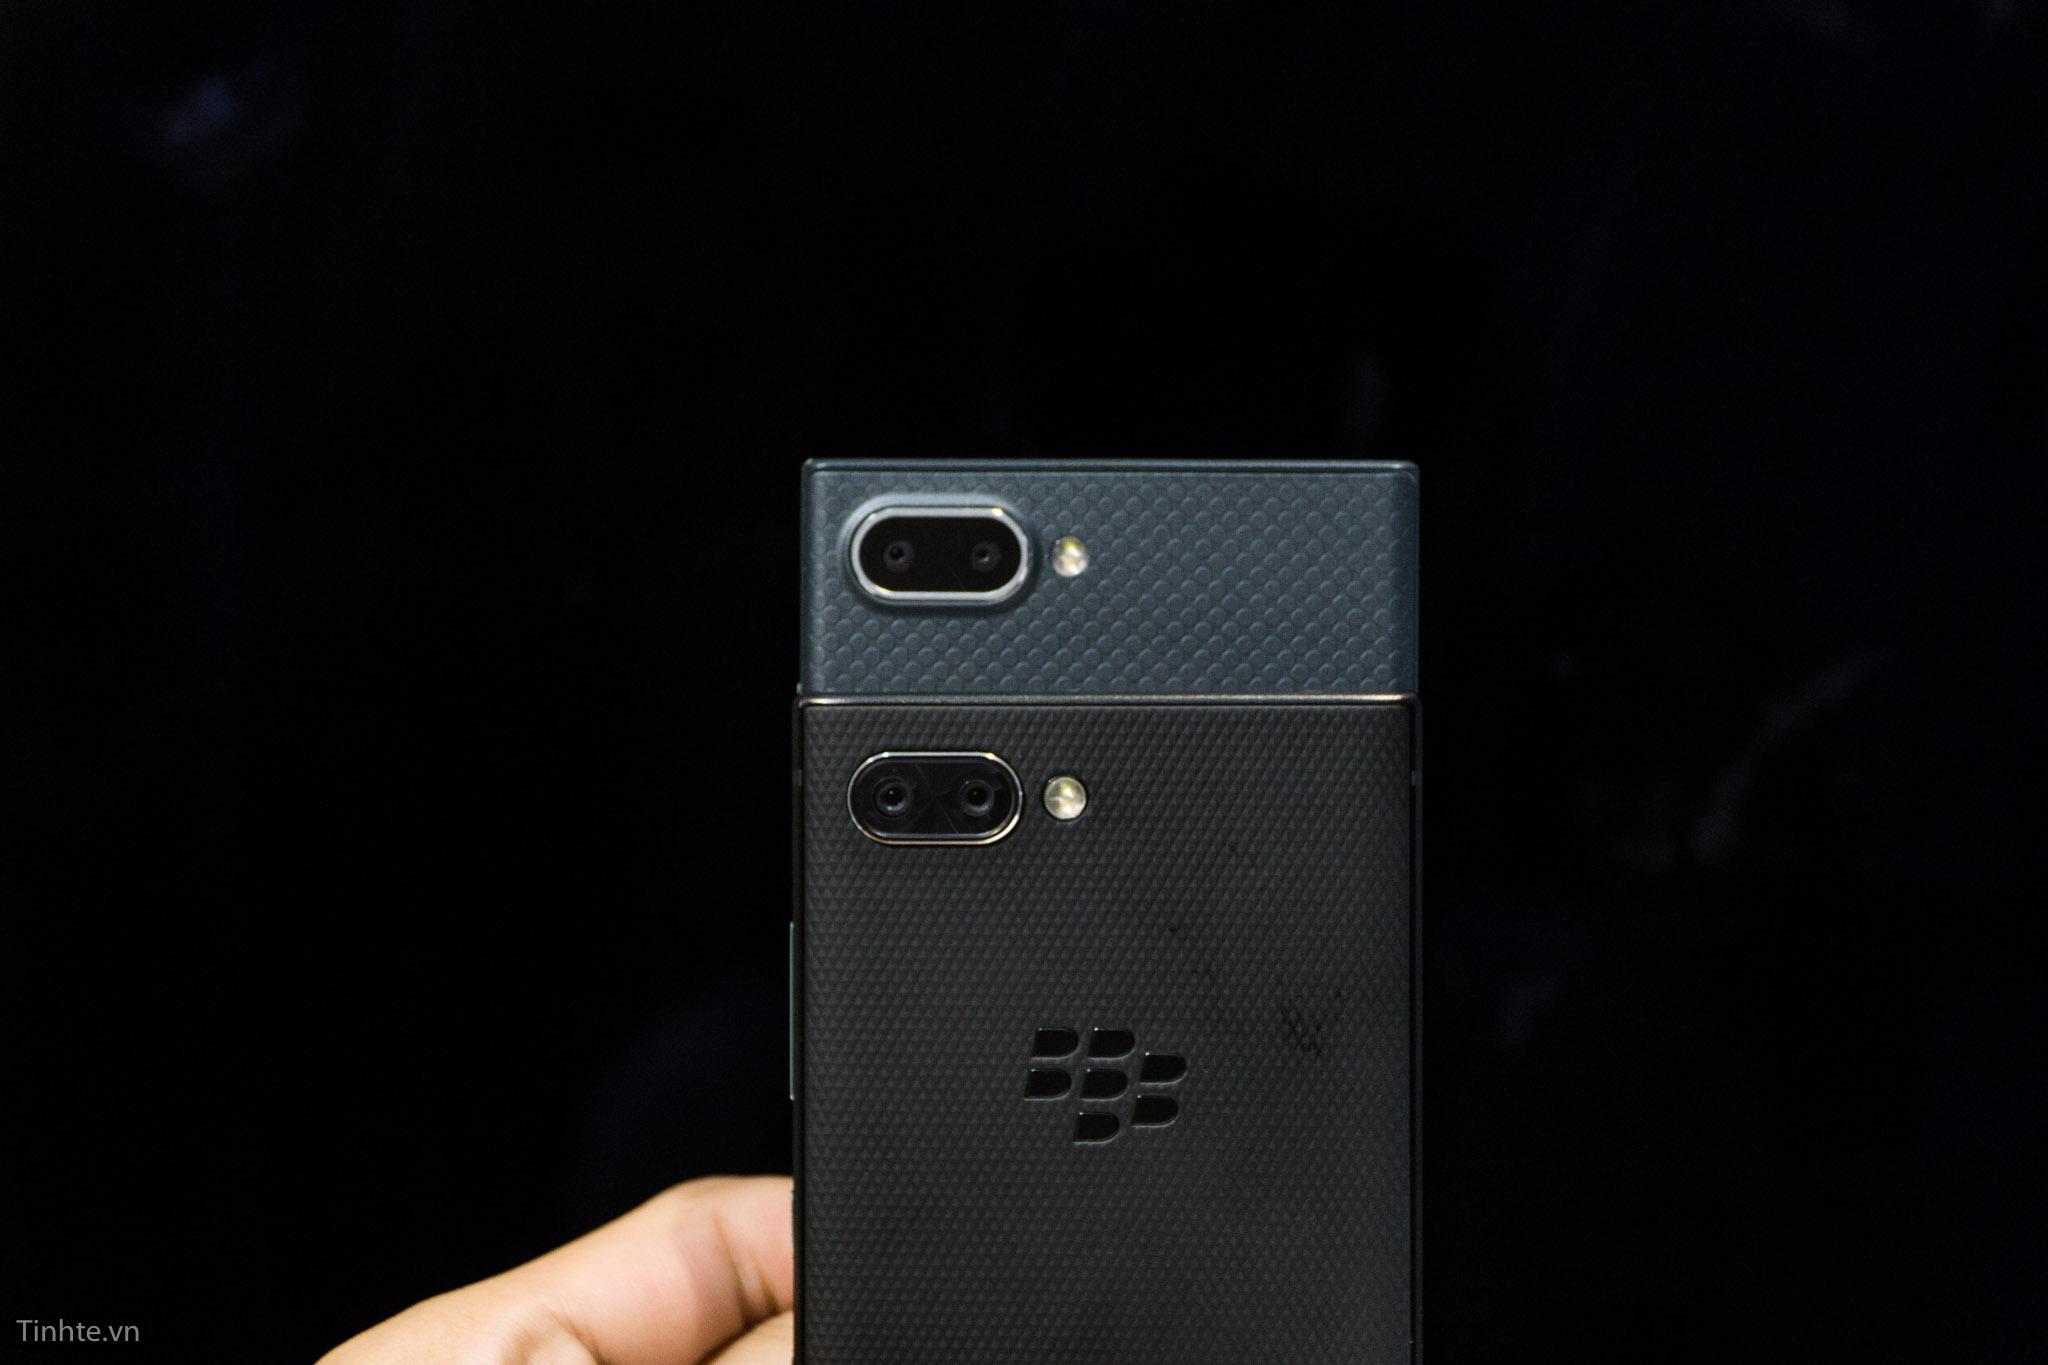 tinhte_blackberry_key2_le-8.jpg